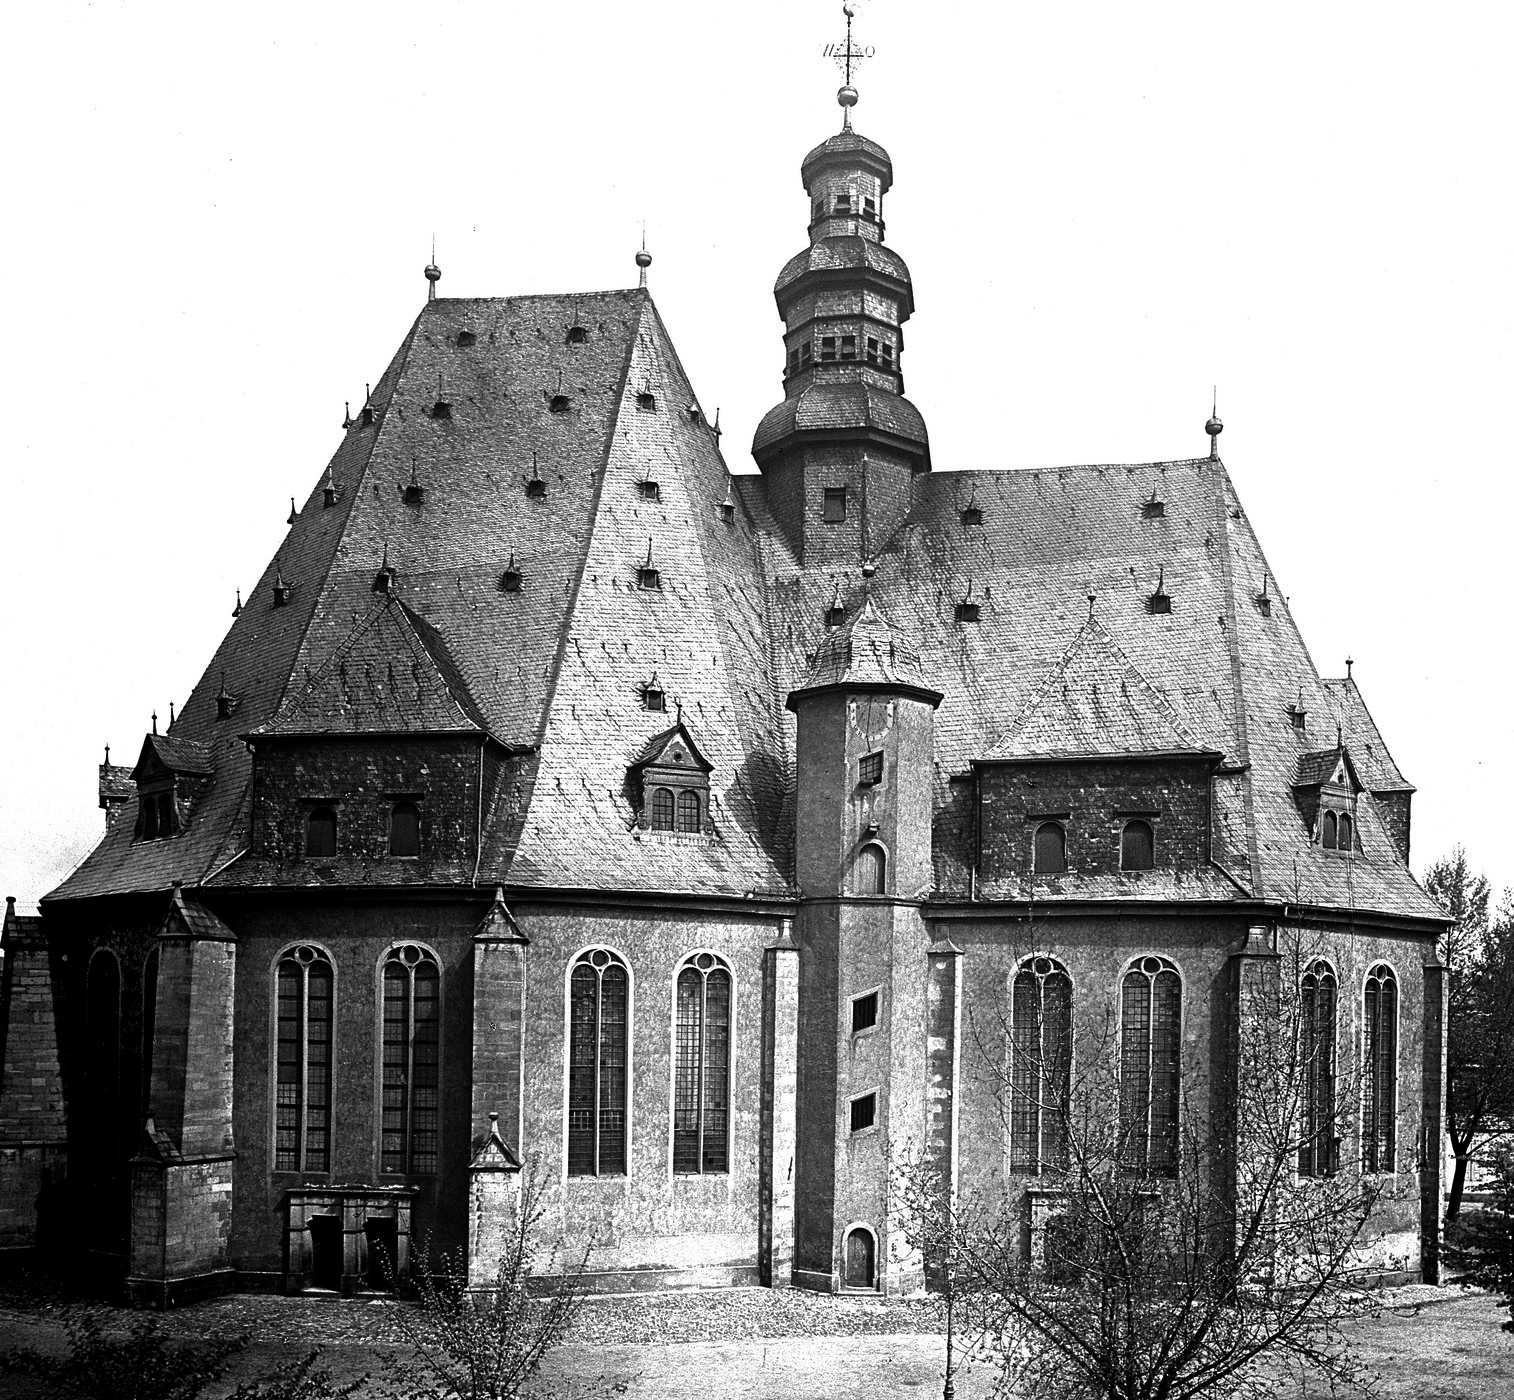 Hanau_Neustadt_-_Niederl%C3%A4ndisch-Wallonische_Kirche_von_S%C3%BCden.png